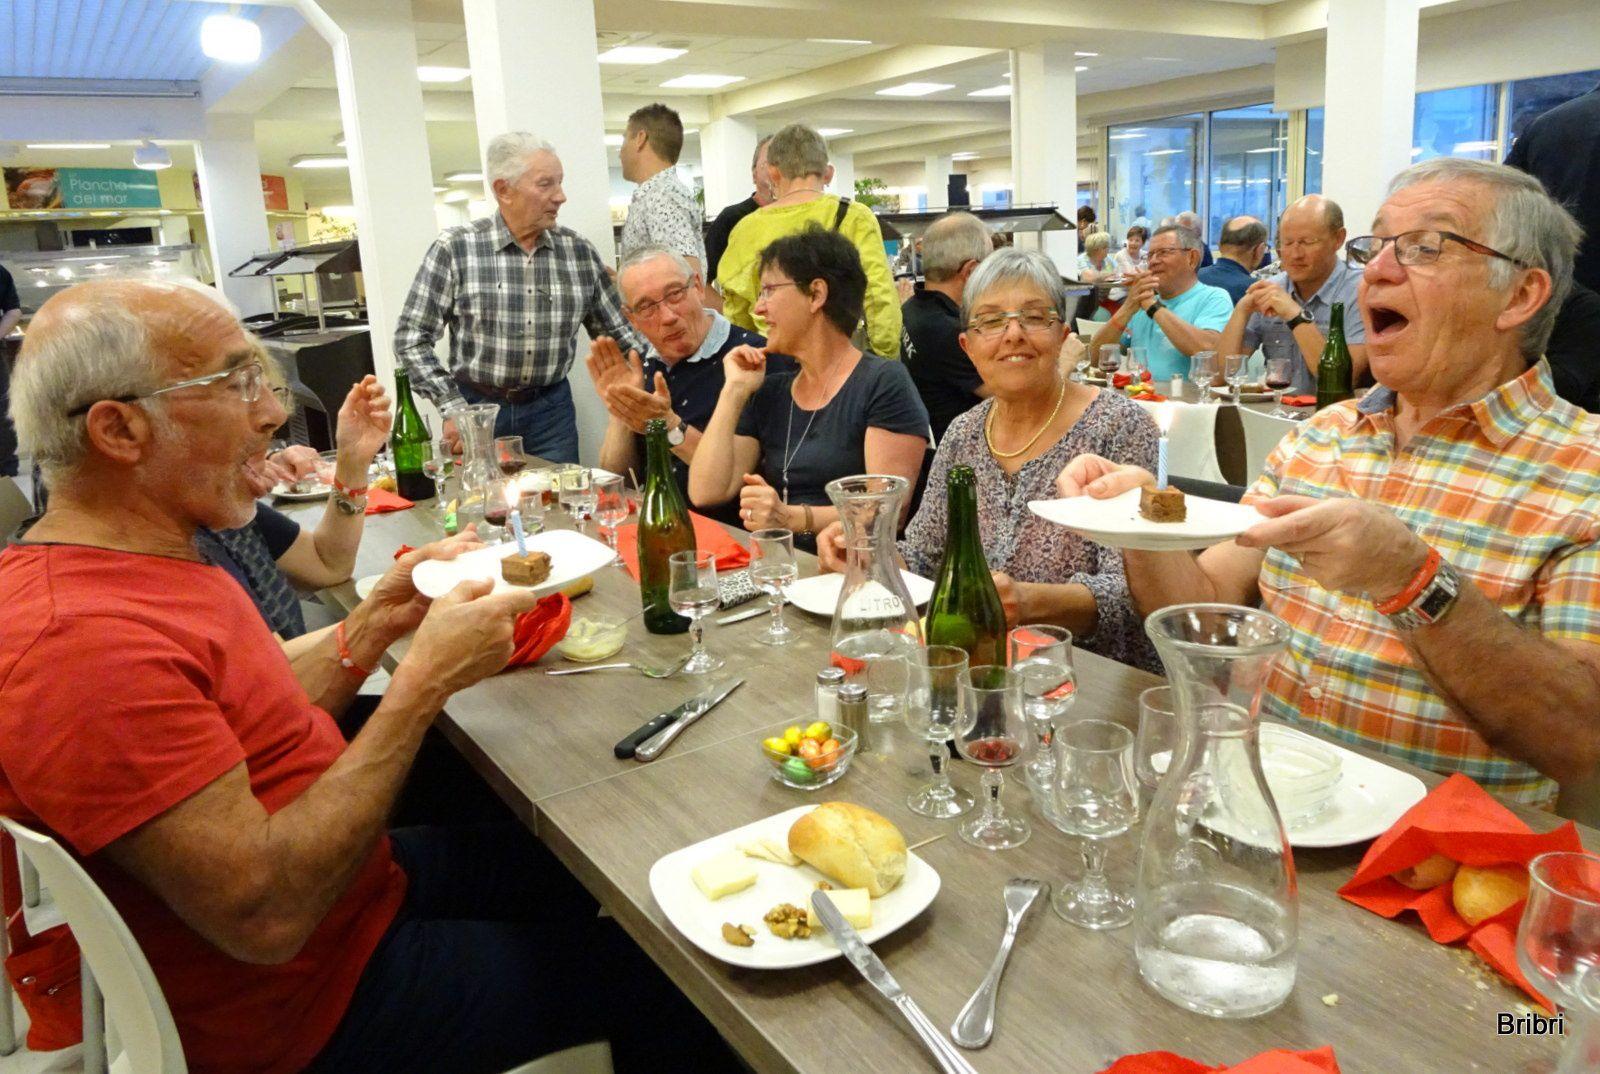 Pour ce dernier souper nous avons 2 anniversaires à fêter, ils soufflent leurs bougies sous les applaudissements du groupe. Des participants Suisse offrent gentiment des oeufs de Pâques à tous.